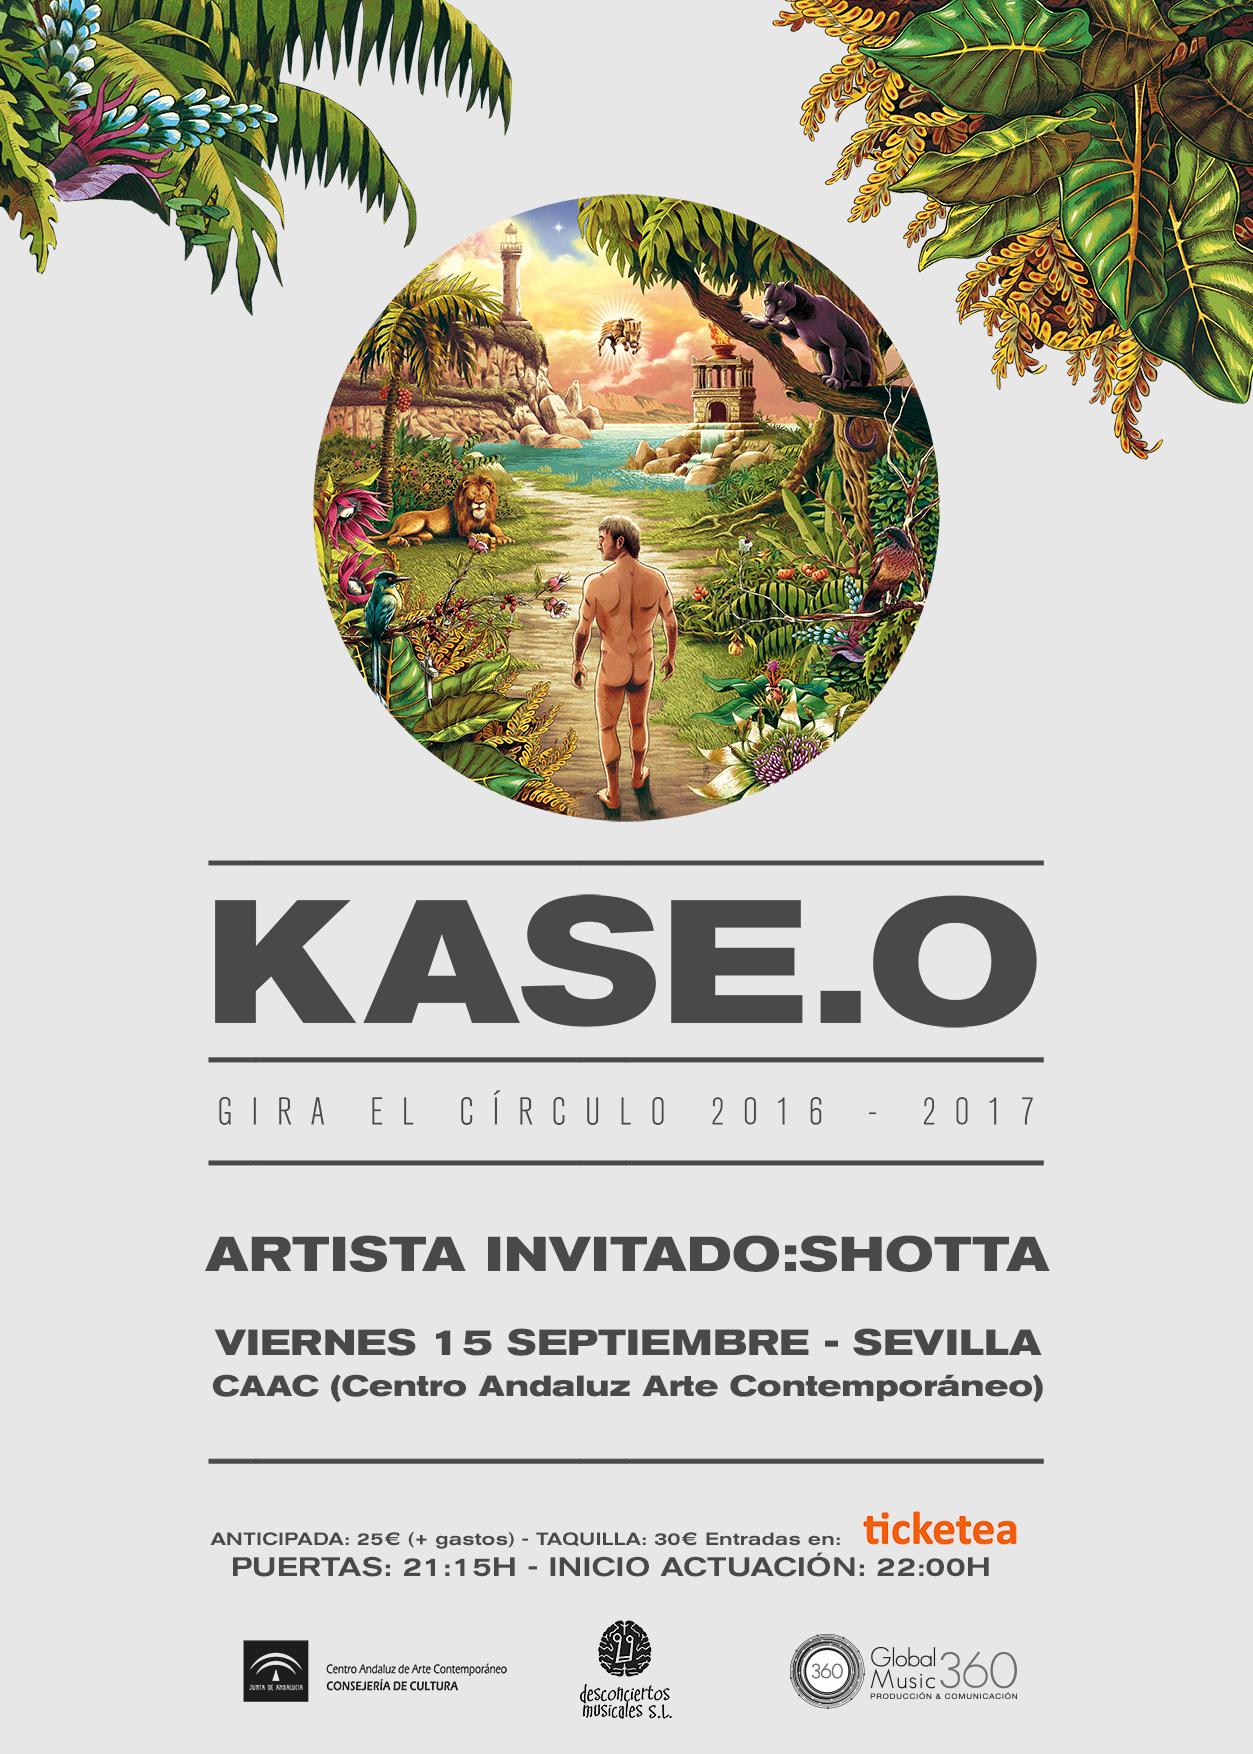 Kase.O en Sevilla